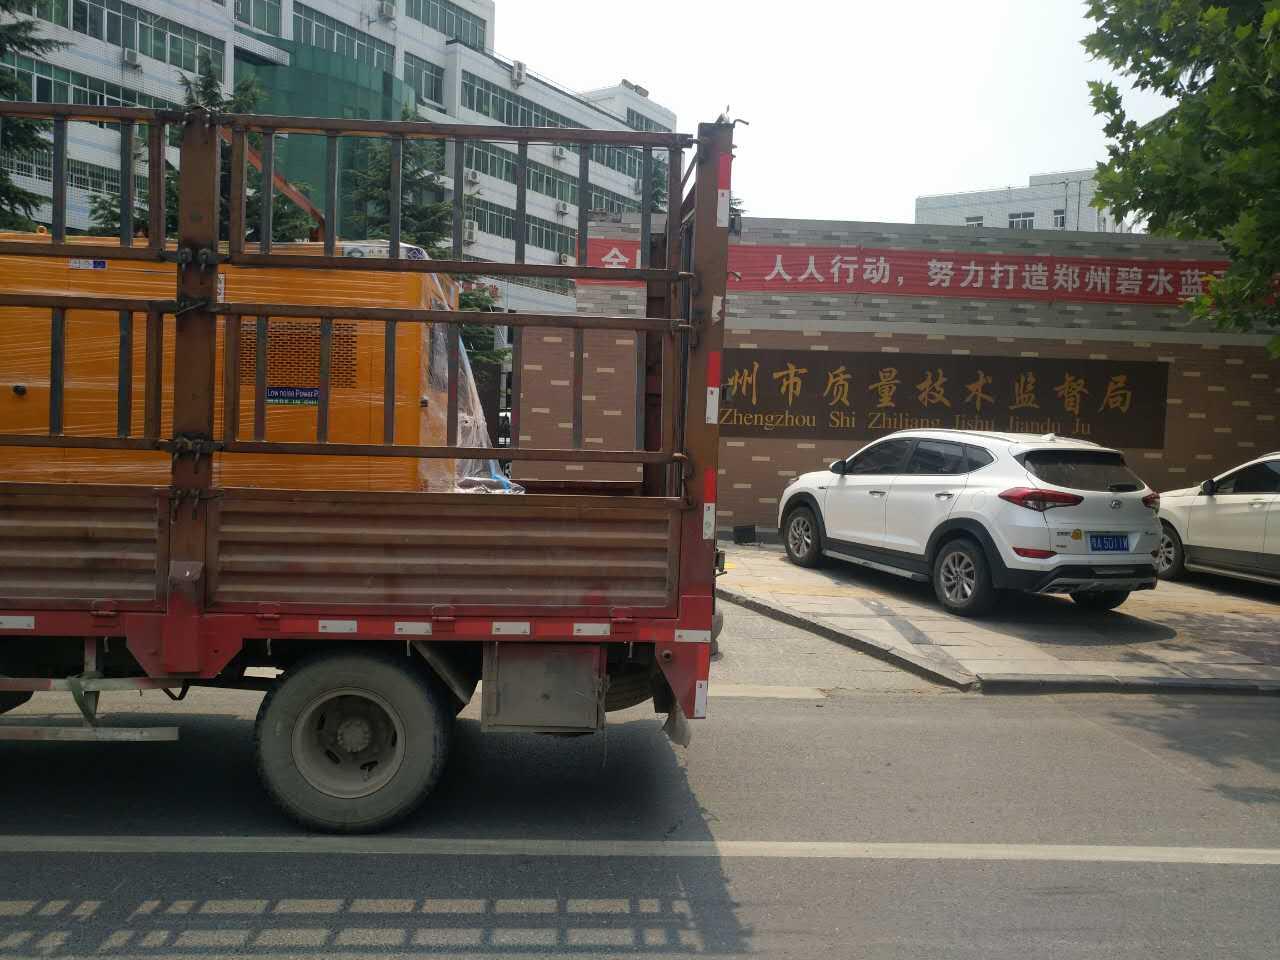 郑州市质量监督局电梯运维中心项目